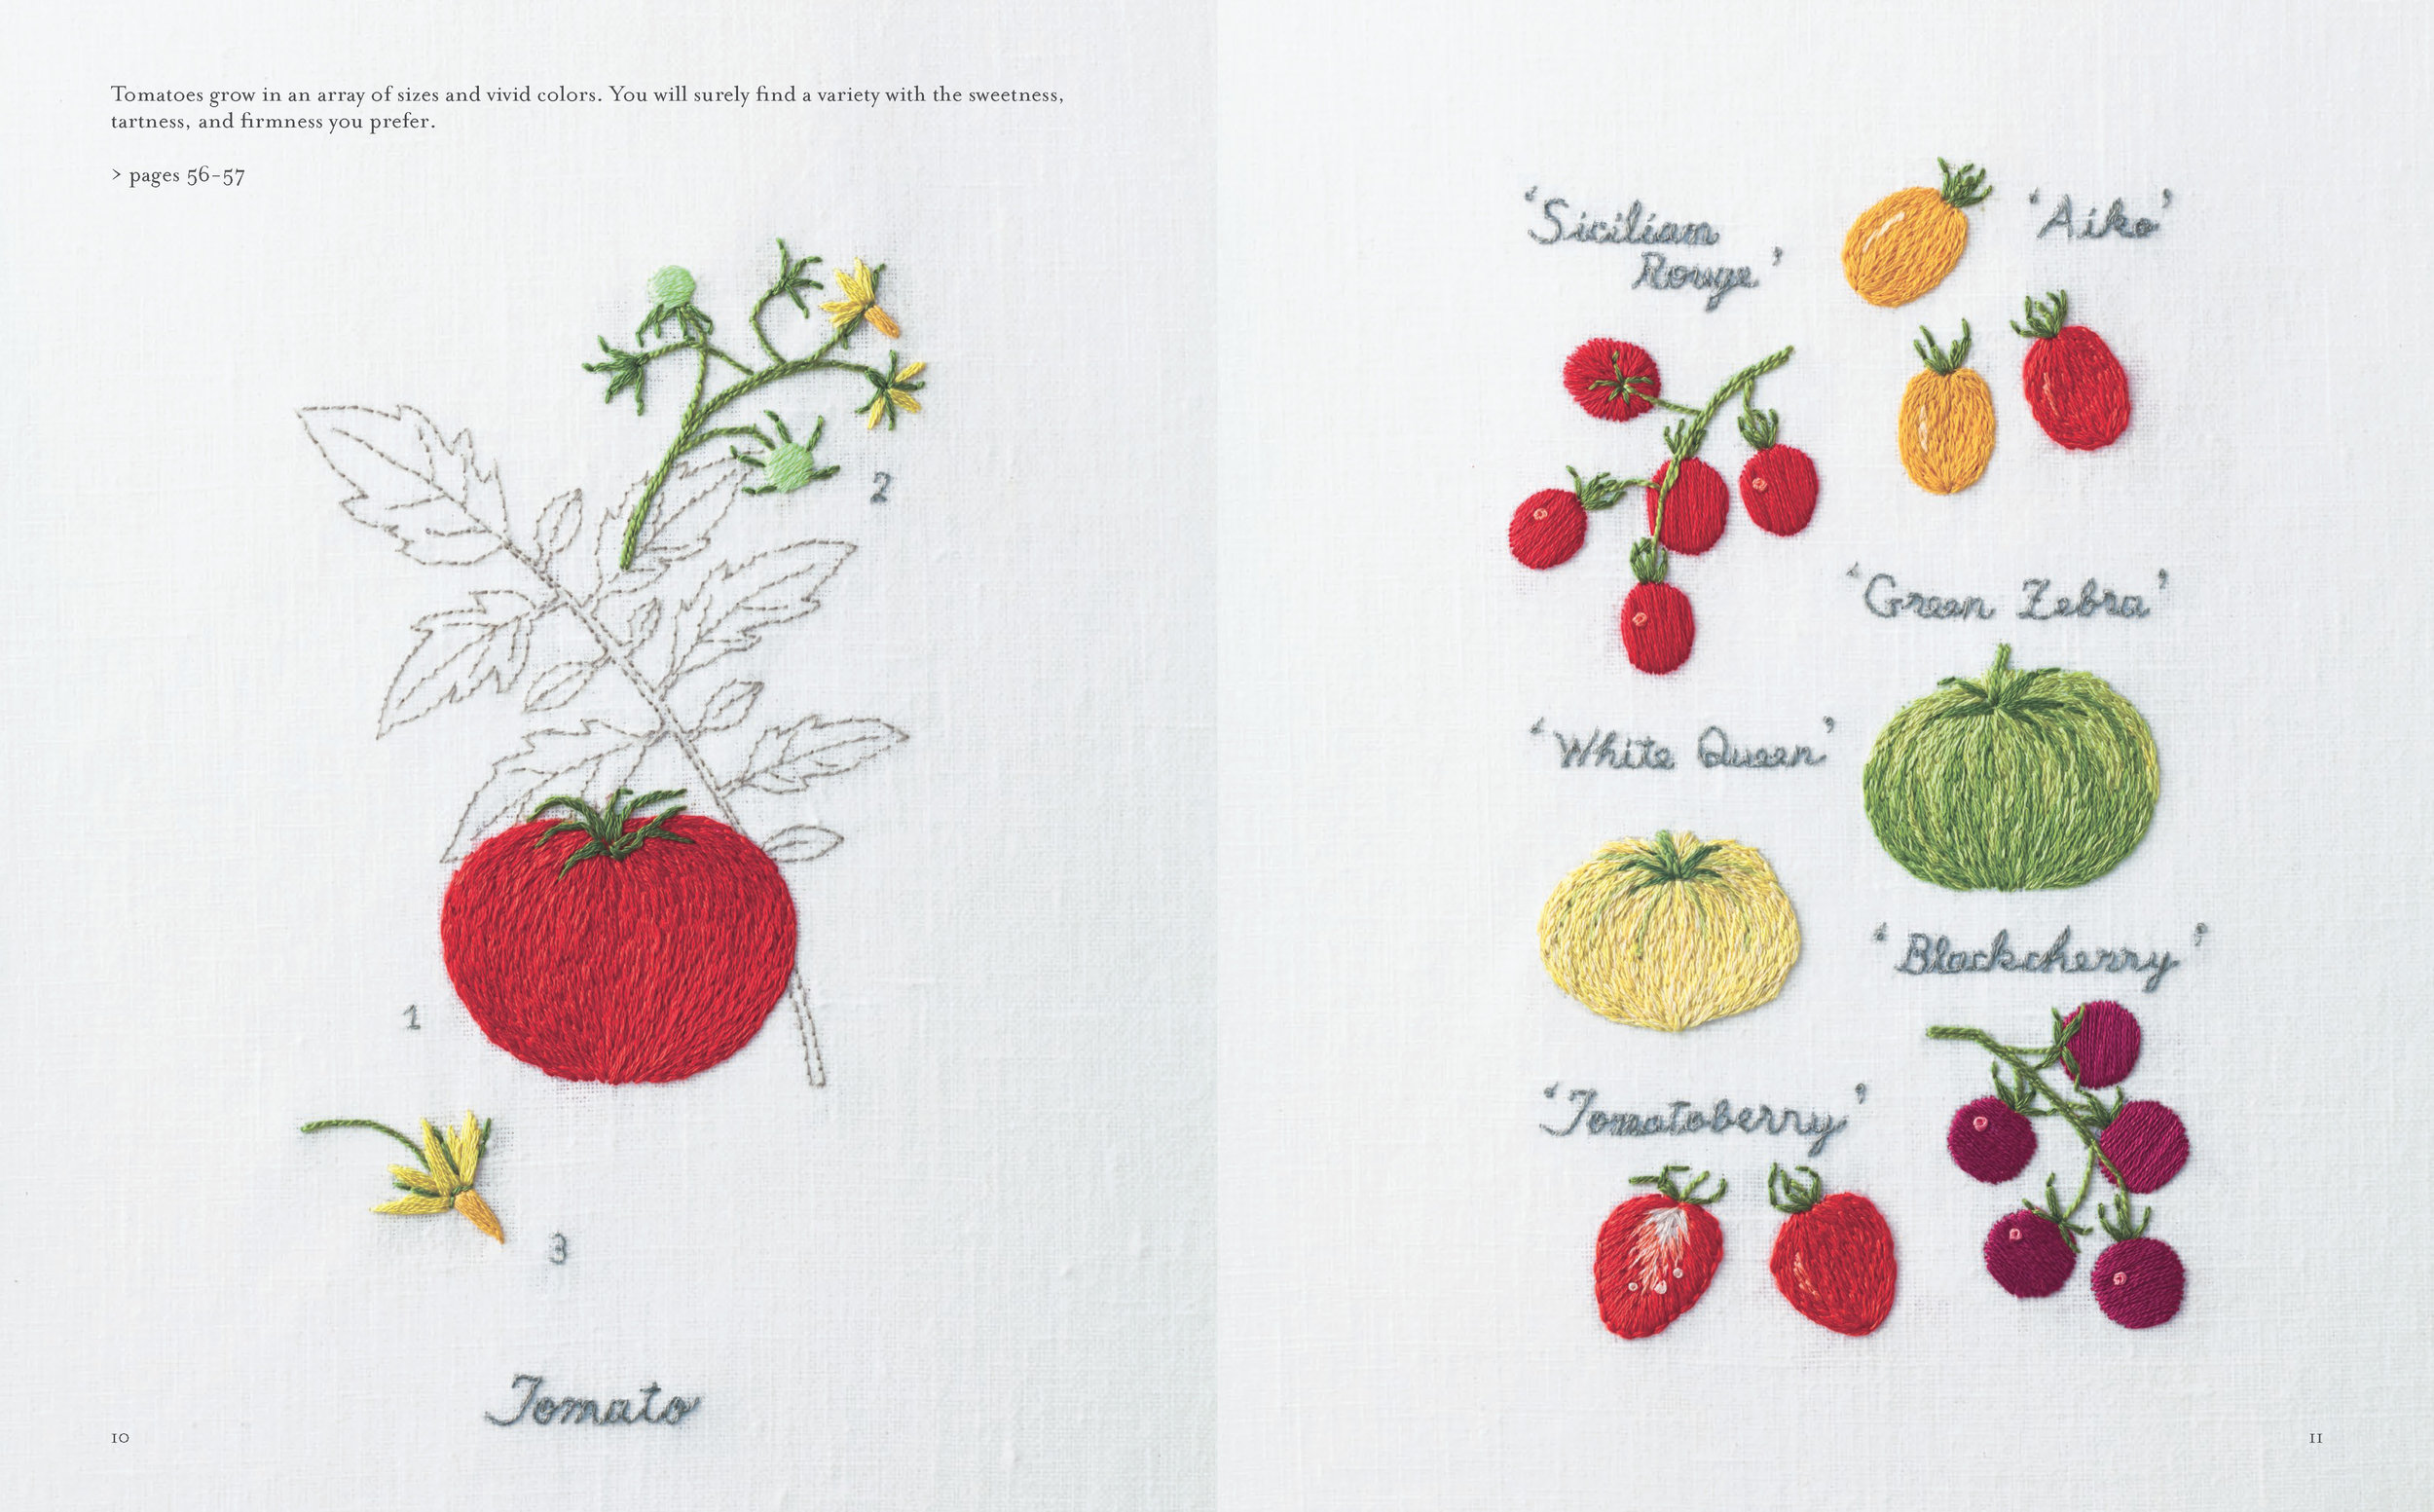 Embroidered Kitchen Garden 10.11.jpg